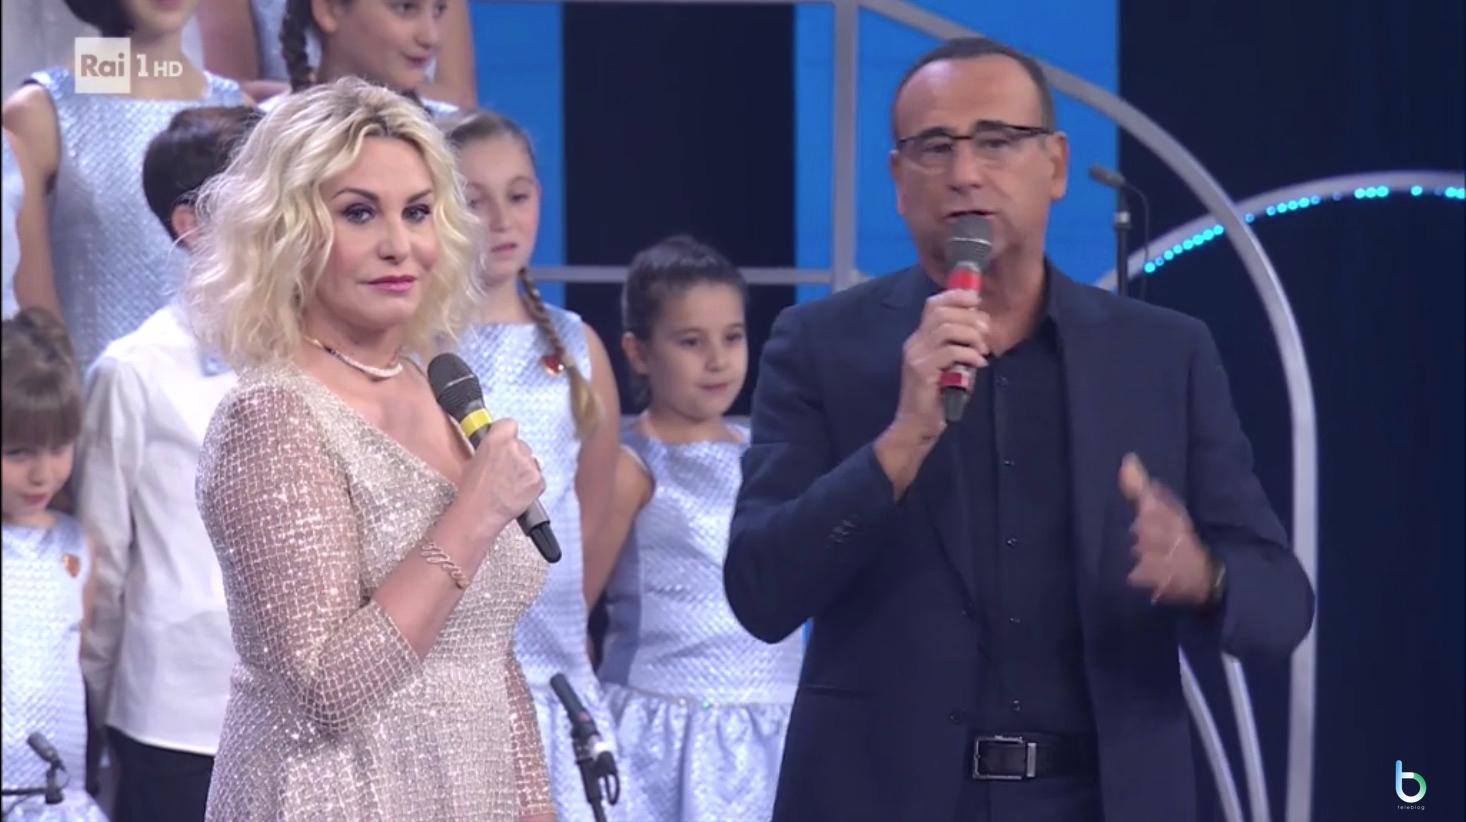 Ascolti tv 7 dicembre: flop per la finale dello Zecchino d'oro nonostante Carlo Conti